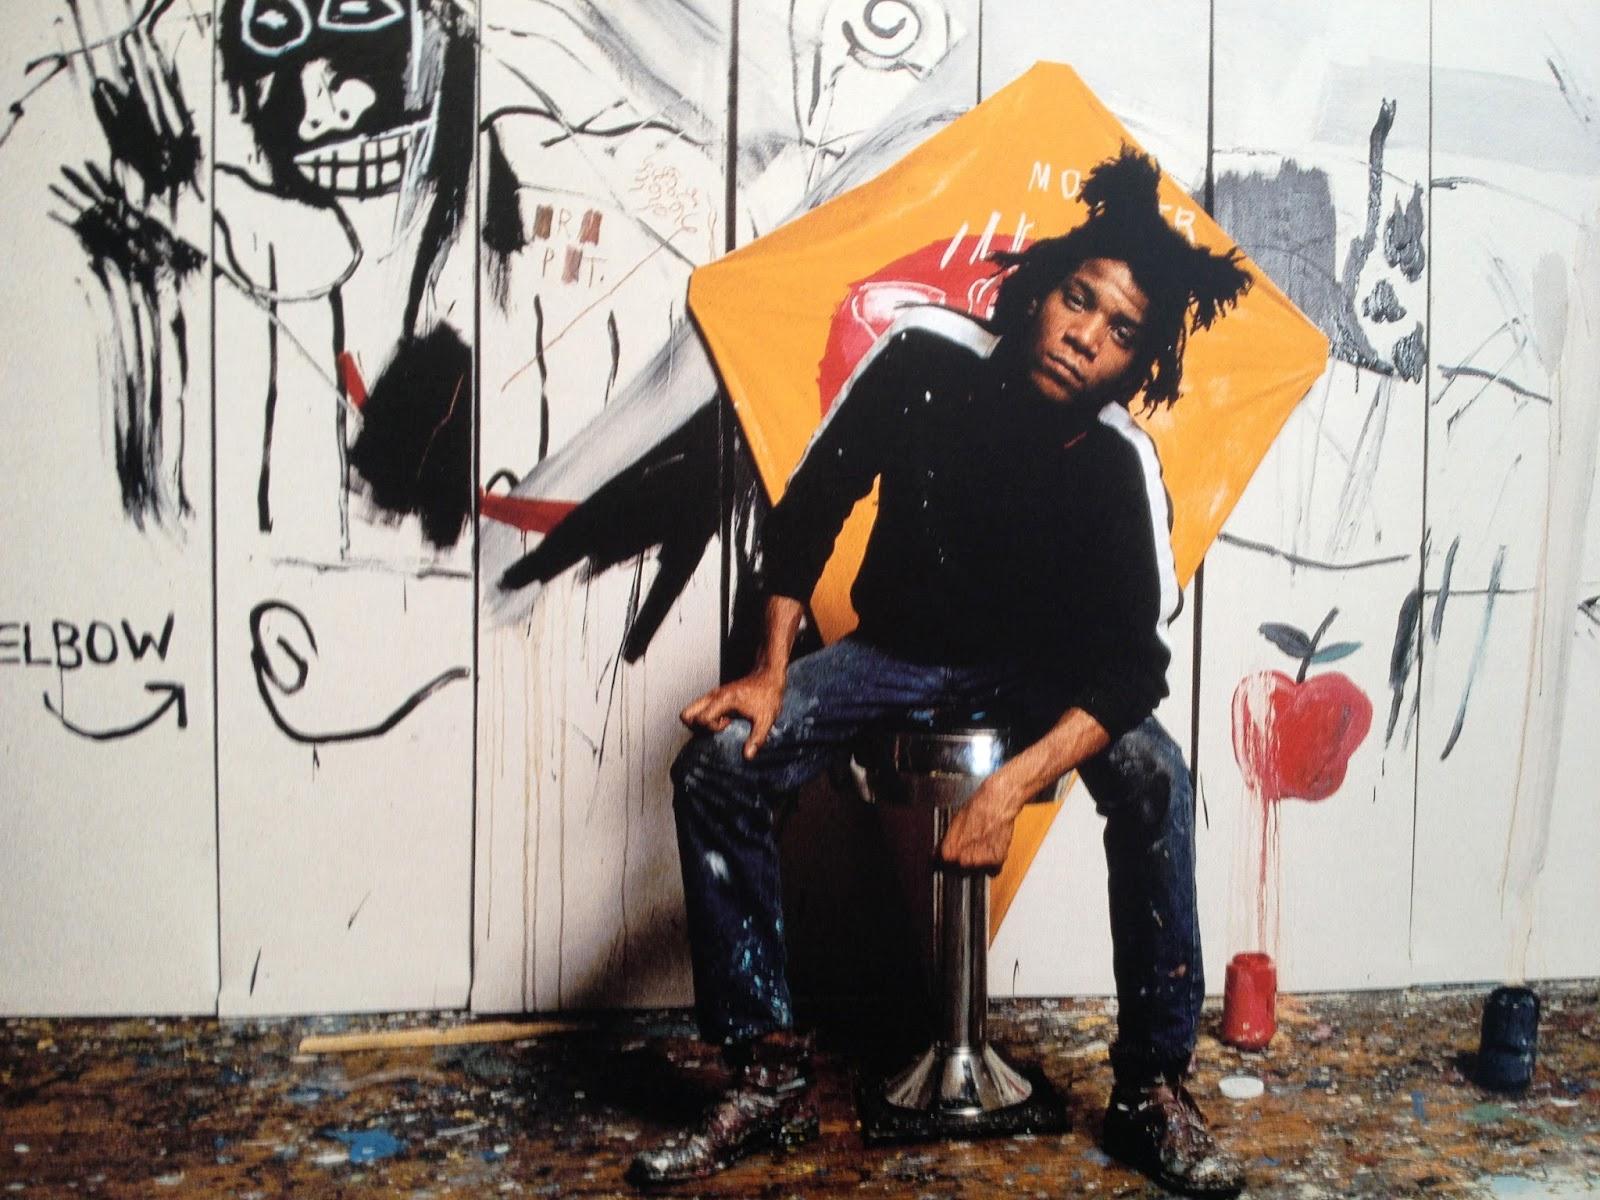 Locacinema in het CBK: Basquiat, the Radiant Child